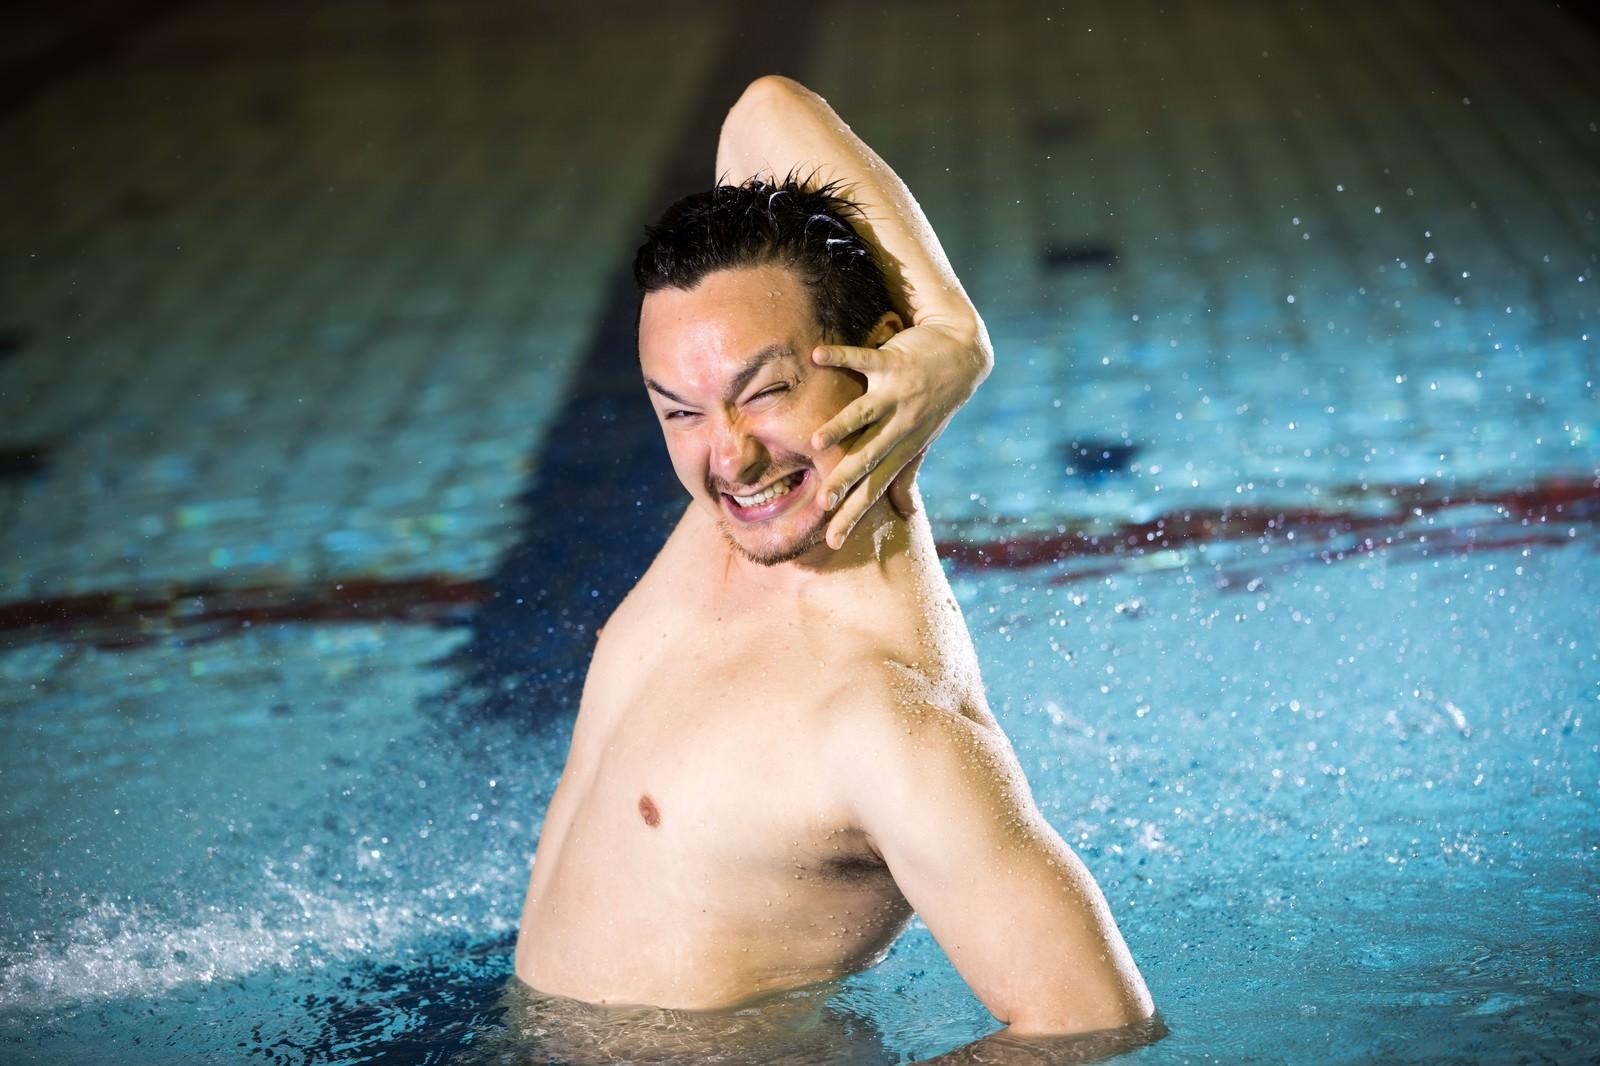 「泳げなくて苛立つドイツ人ハーフ」の写真[モデル:Max_Ezaki]